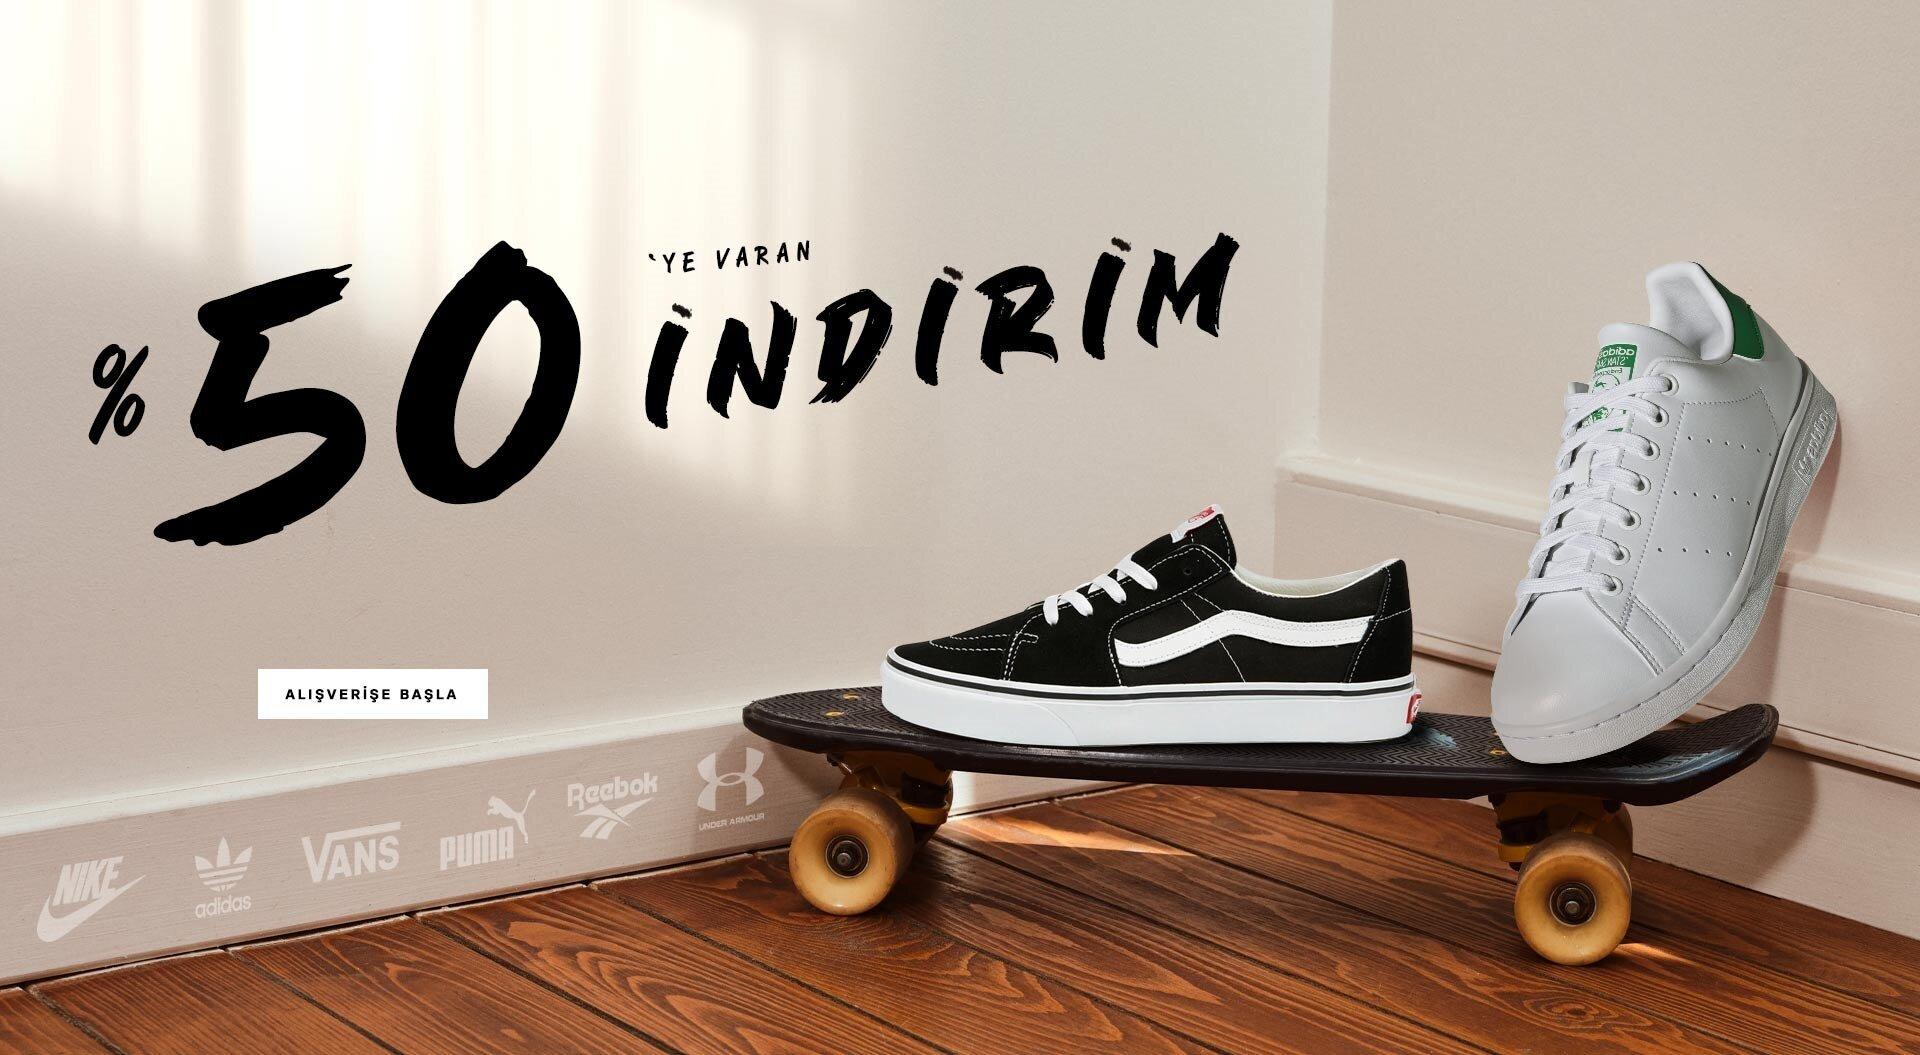 50-indirim-150621